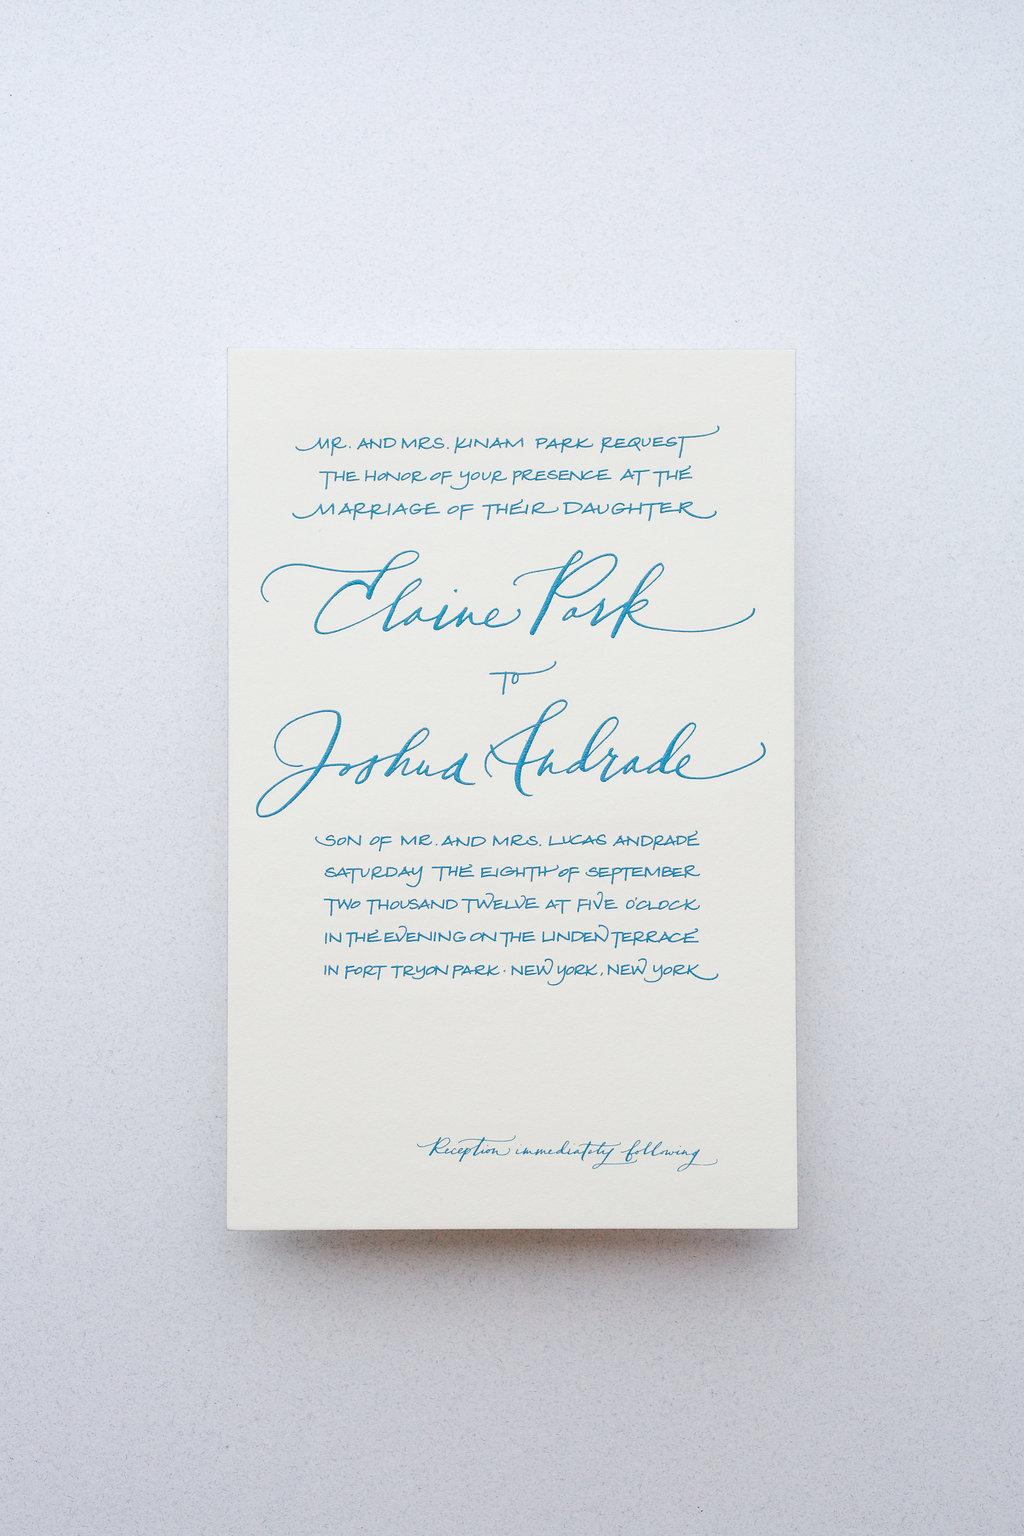 paperfinger-invitation-blueengraving.jpg